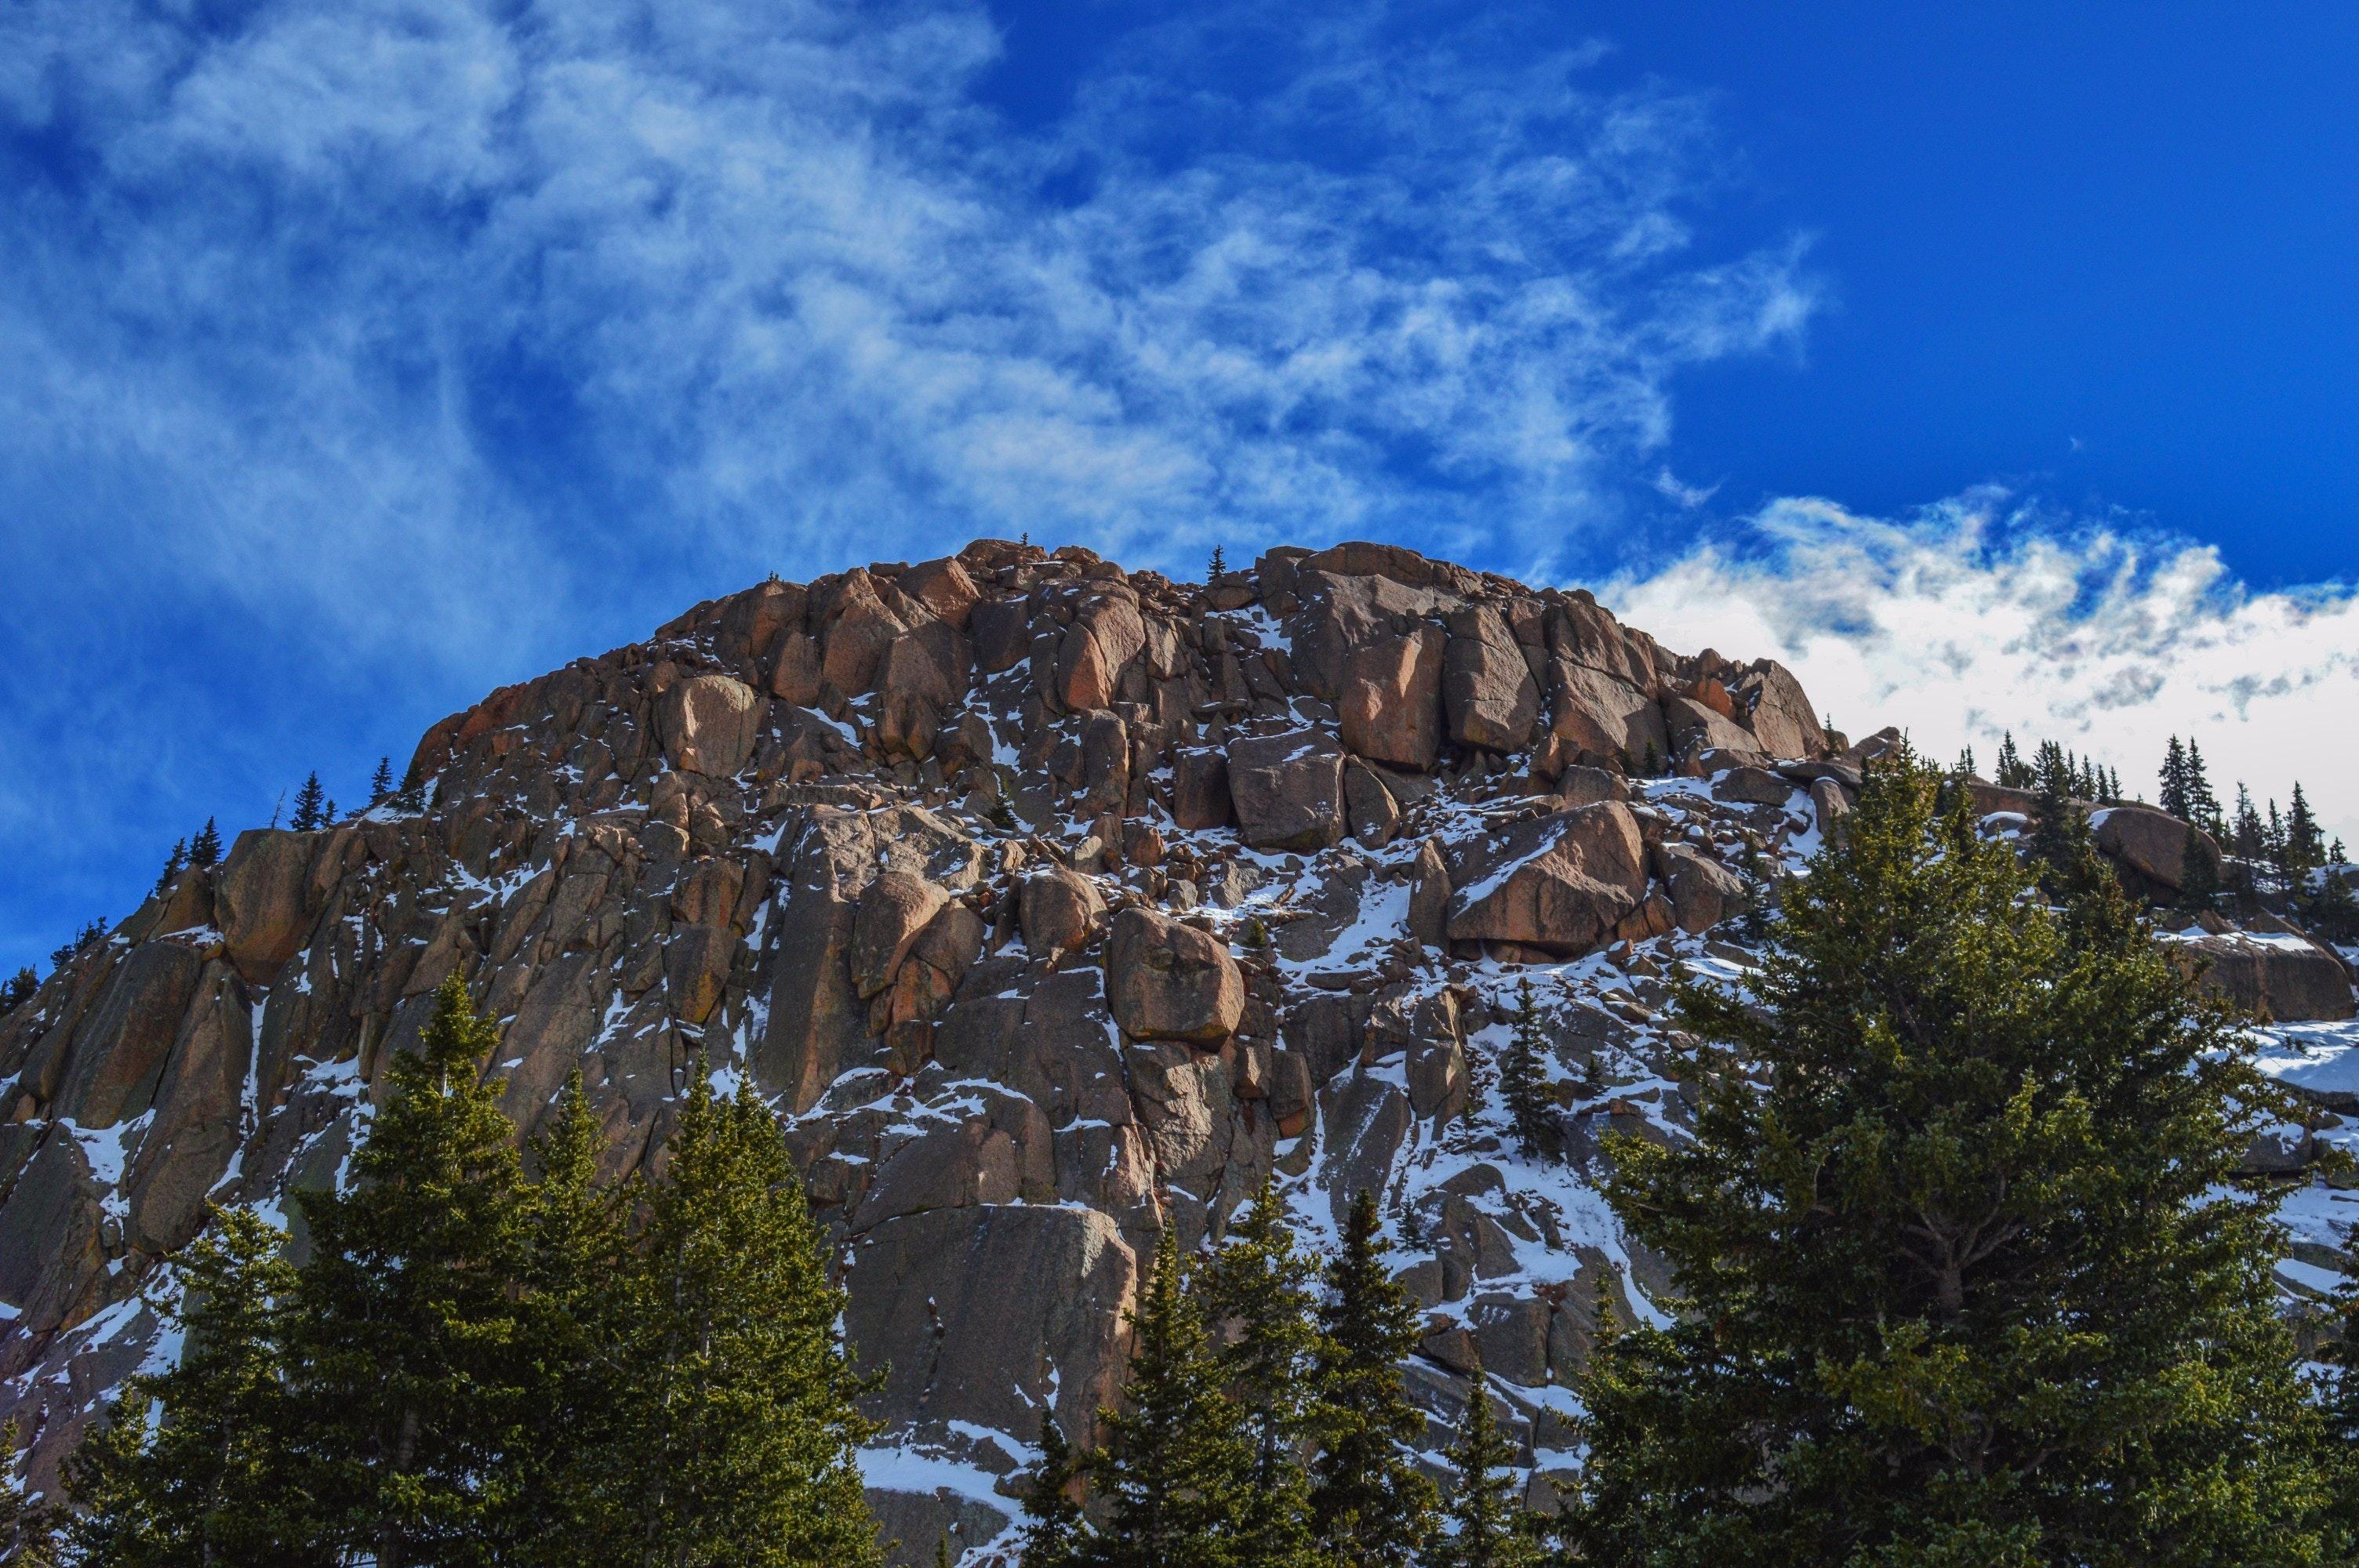 Rock mountain photo